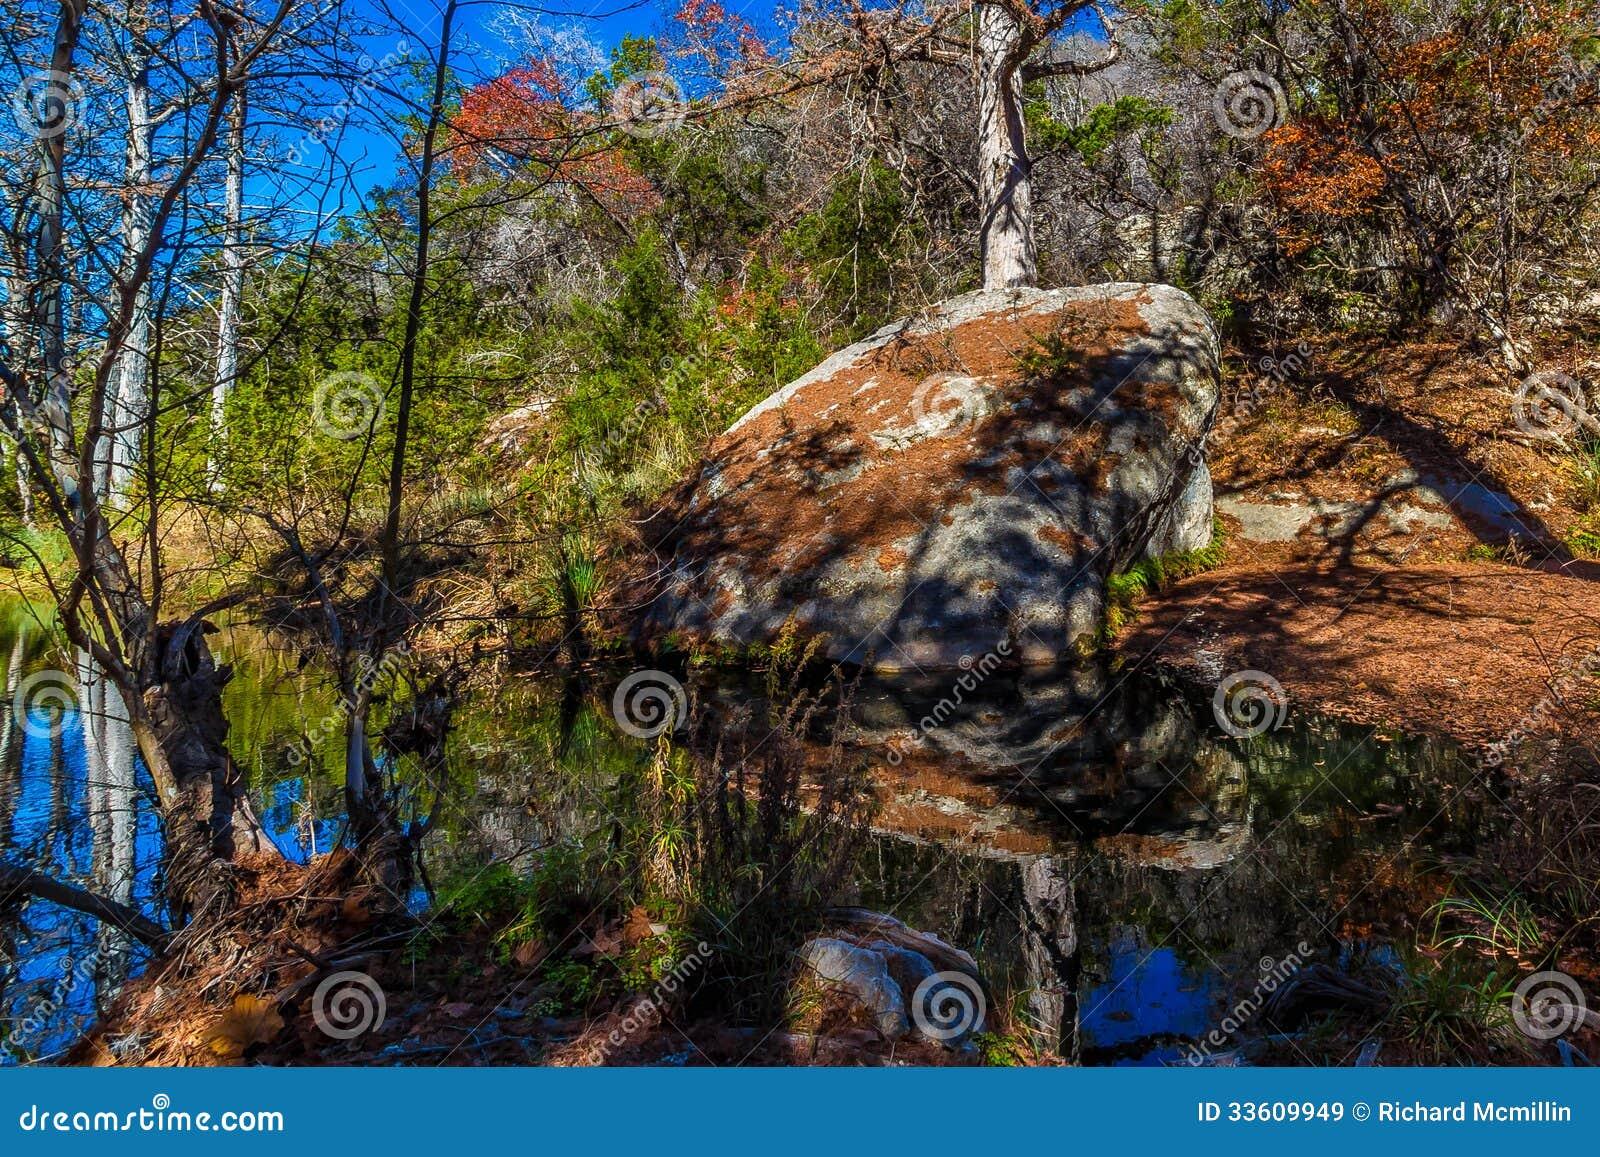 Cena pitoresca da natureza de um grande granito Boulder cercado por grandes árvores de Cypress calvo em Hamilton Creek